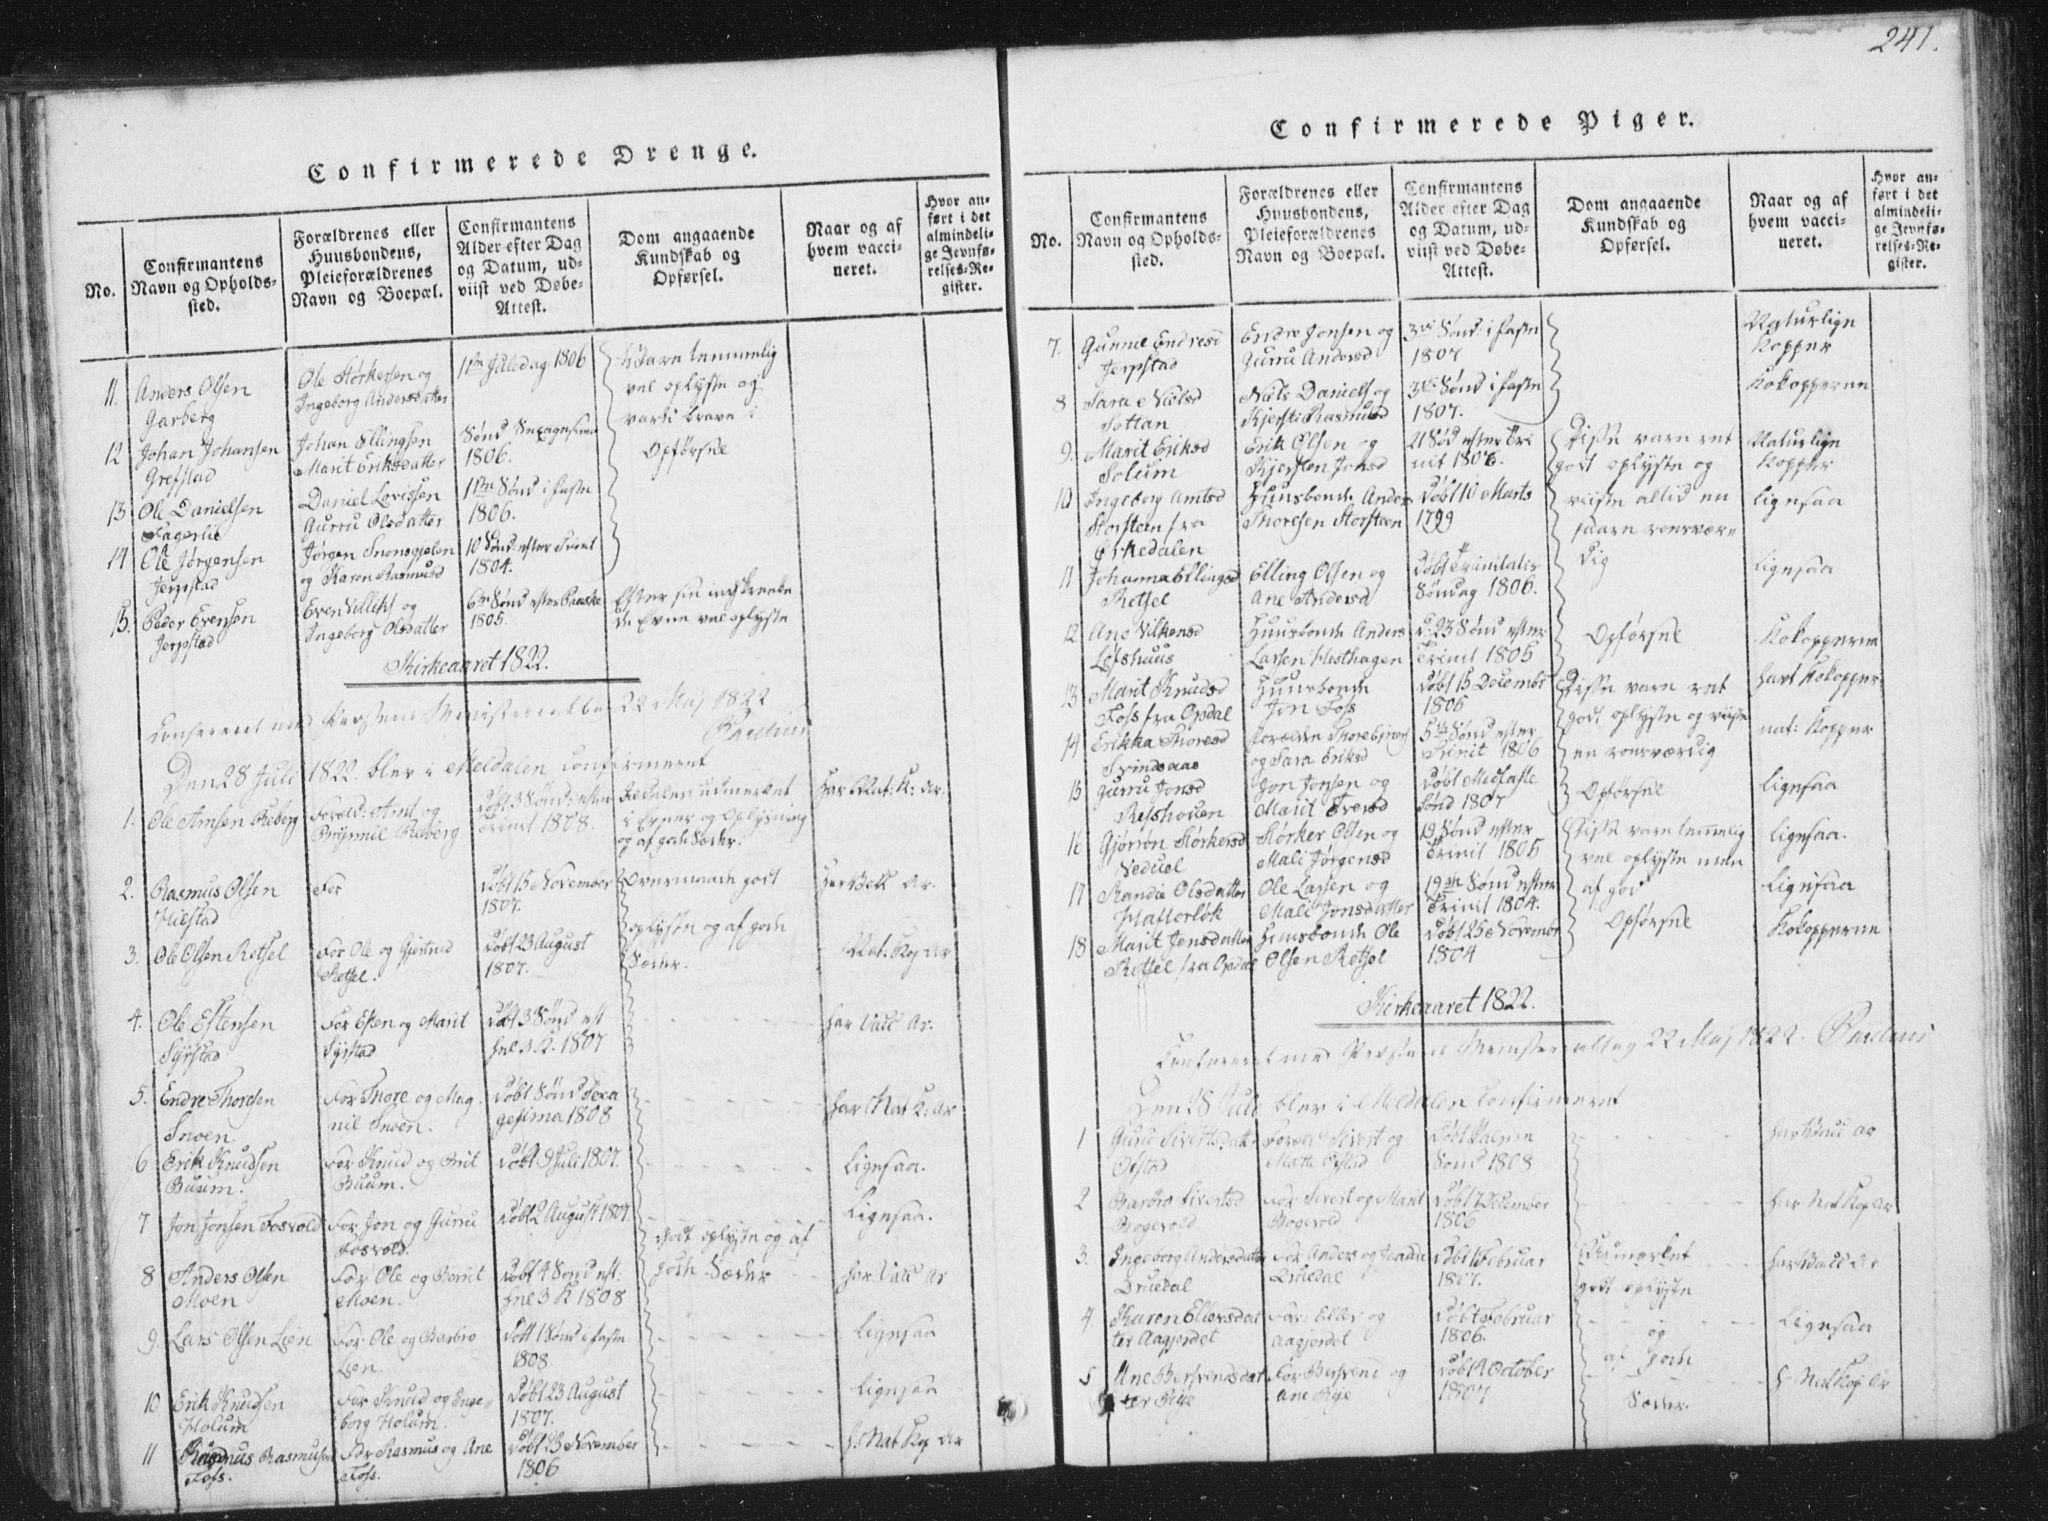 SAT, Ministerialprotokoller, klokkerbøker og fødselsregistre - Sør-Trøndelag, 672/L0862: Klokkerbok nr. 672C01, 1816-1831, s. 241